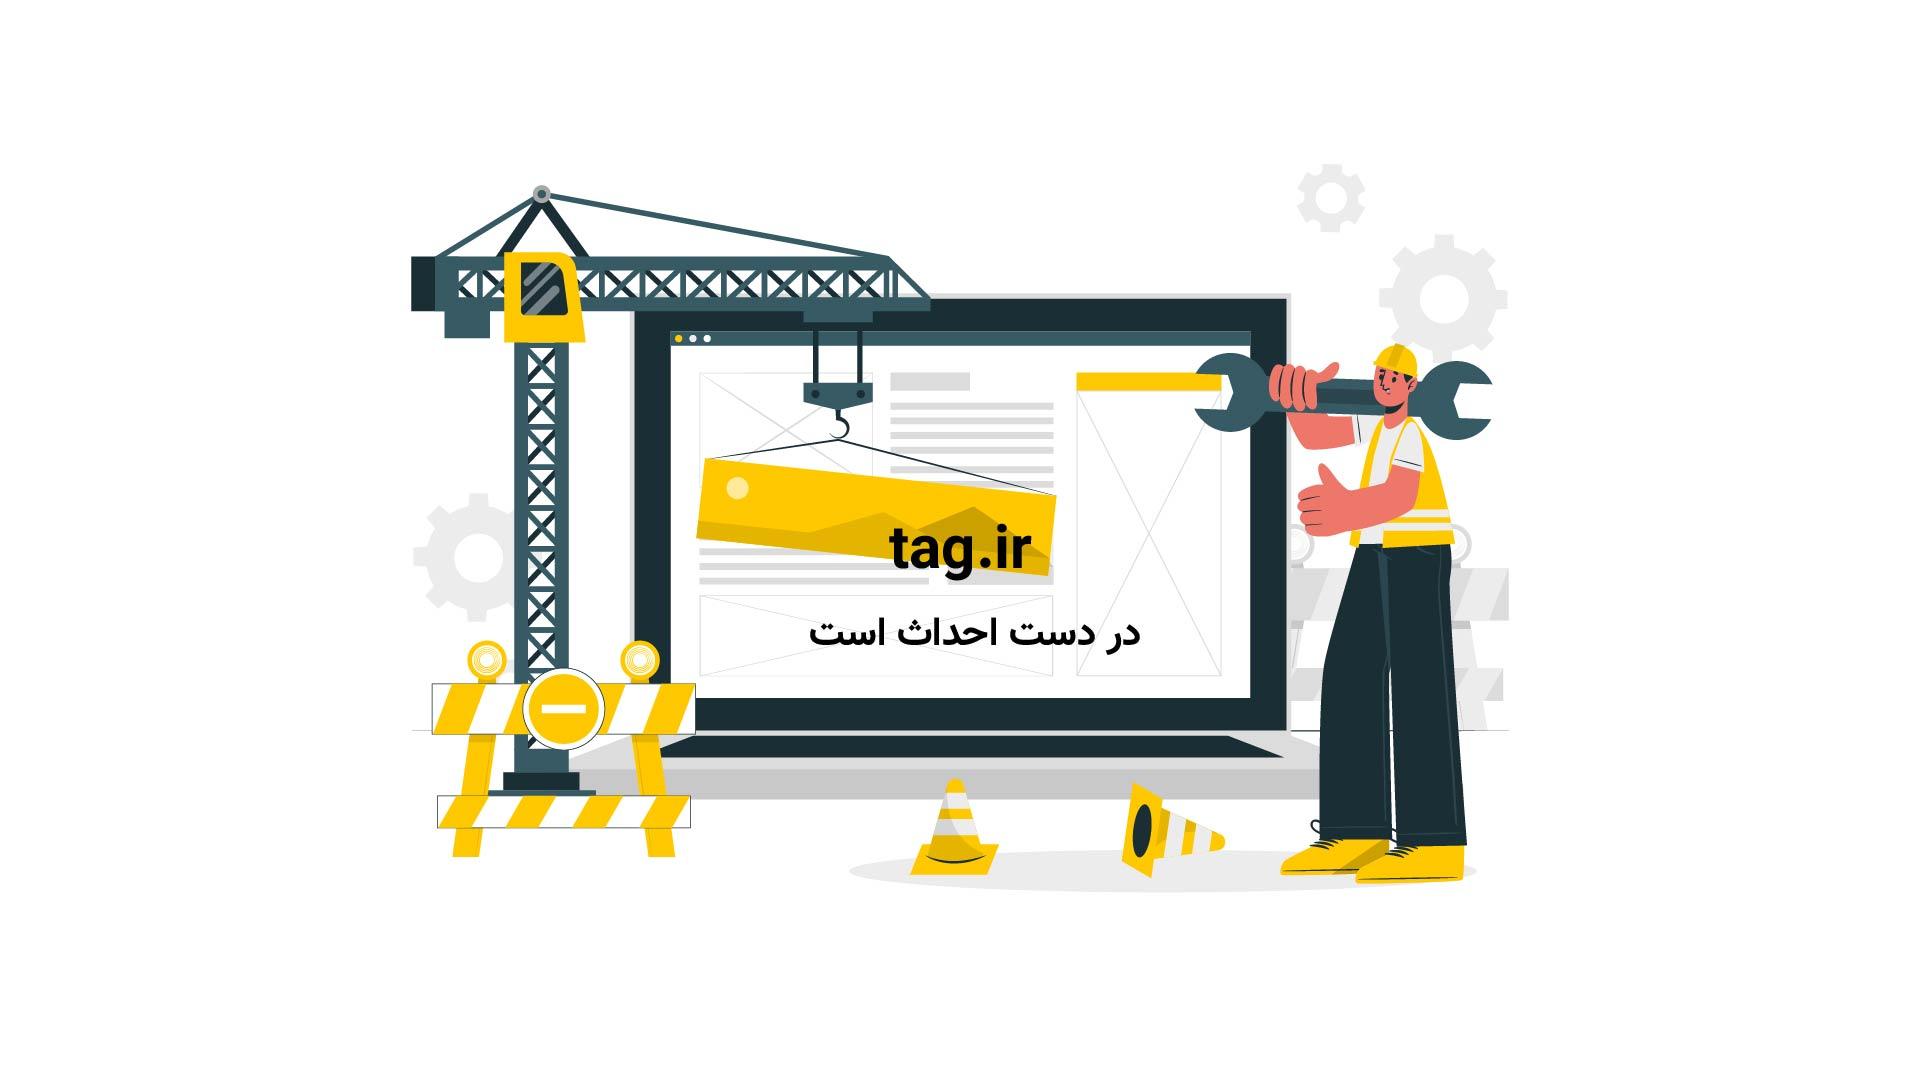 تاخیر در پروازهای فرودگاه مهرآباد به دلیل نداشتن دید مناسب | فیلم